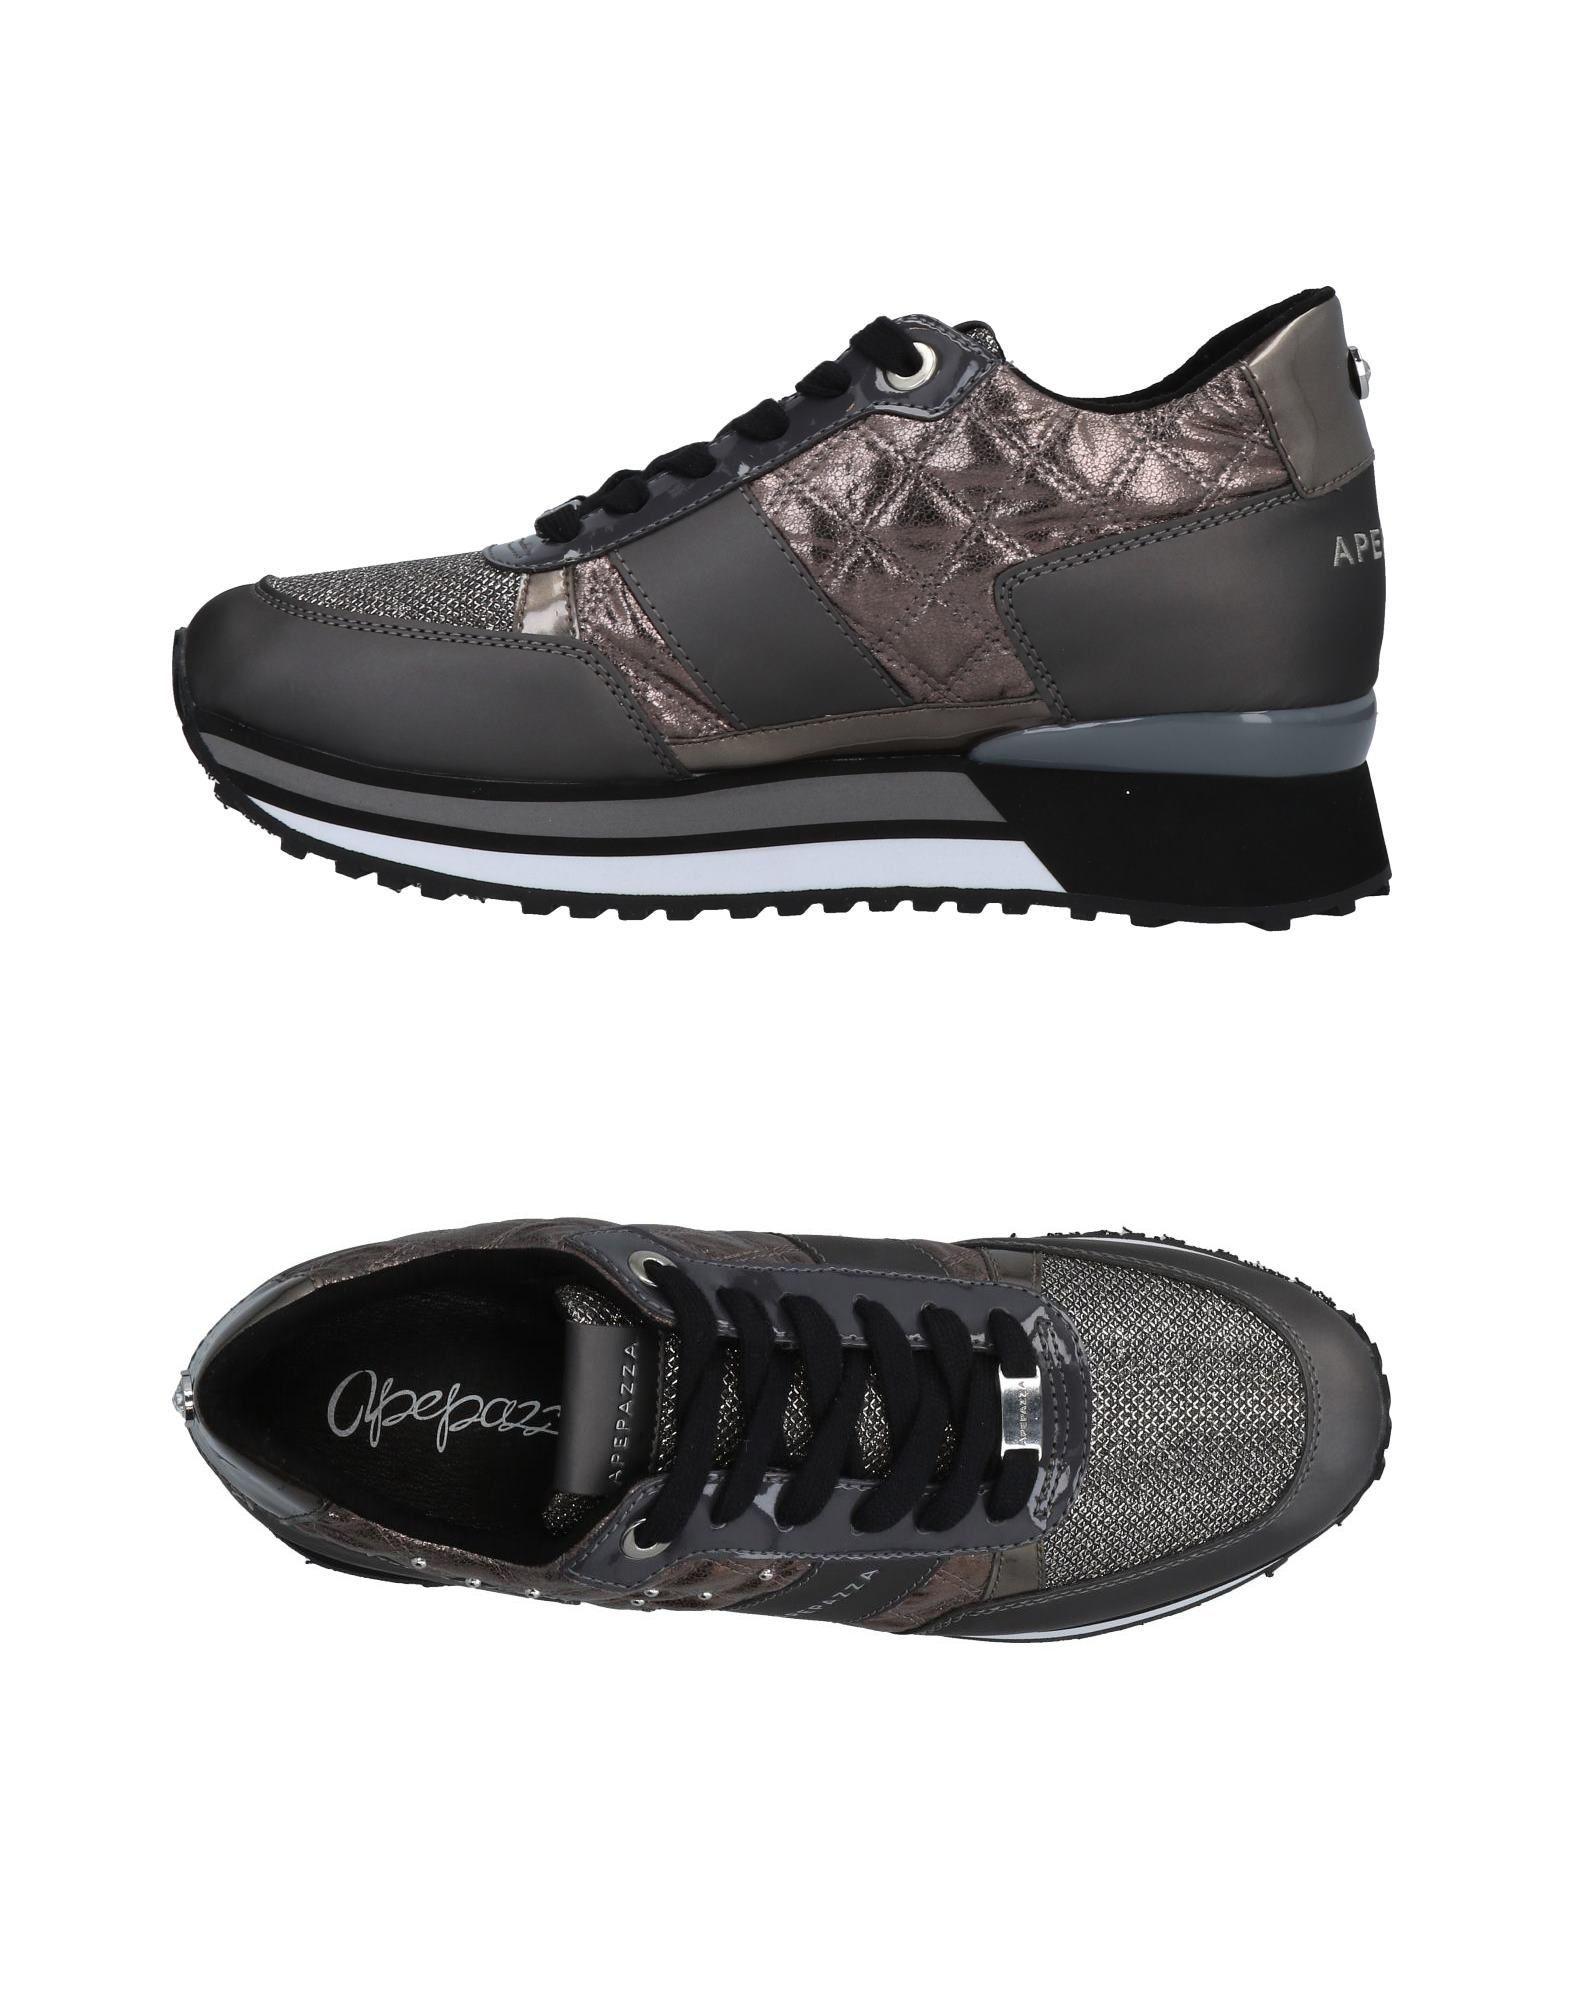 Moda Sneakers Sneakers Moda Apepazza Donna - 11474099GJ f20c86